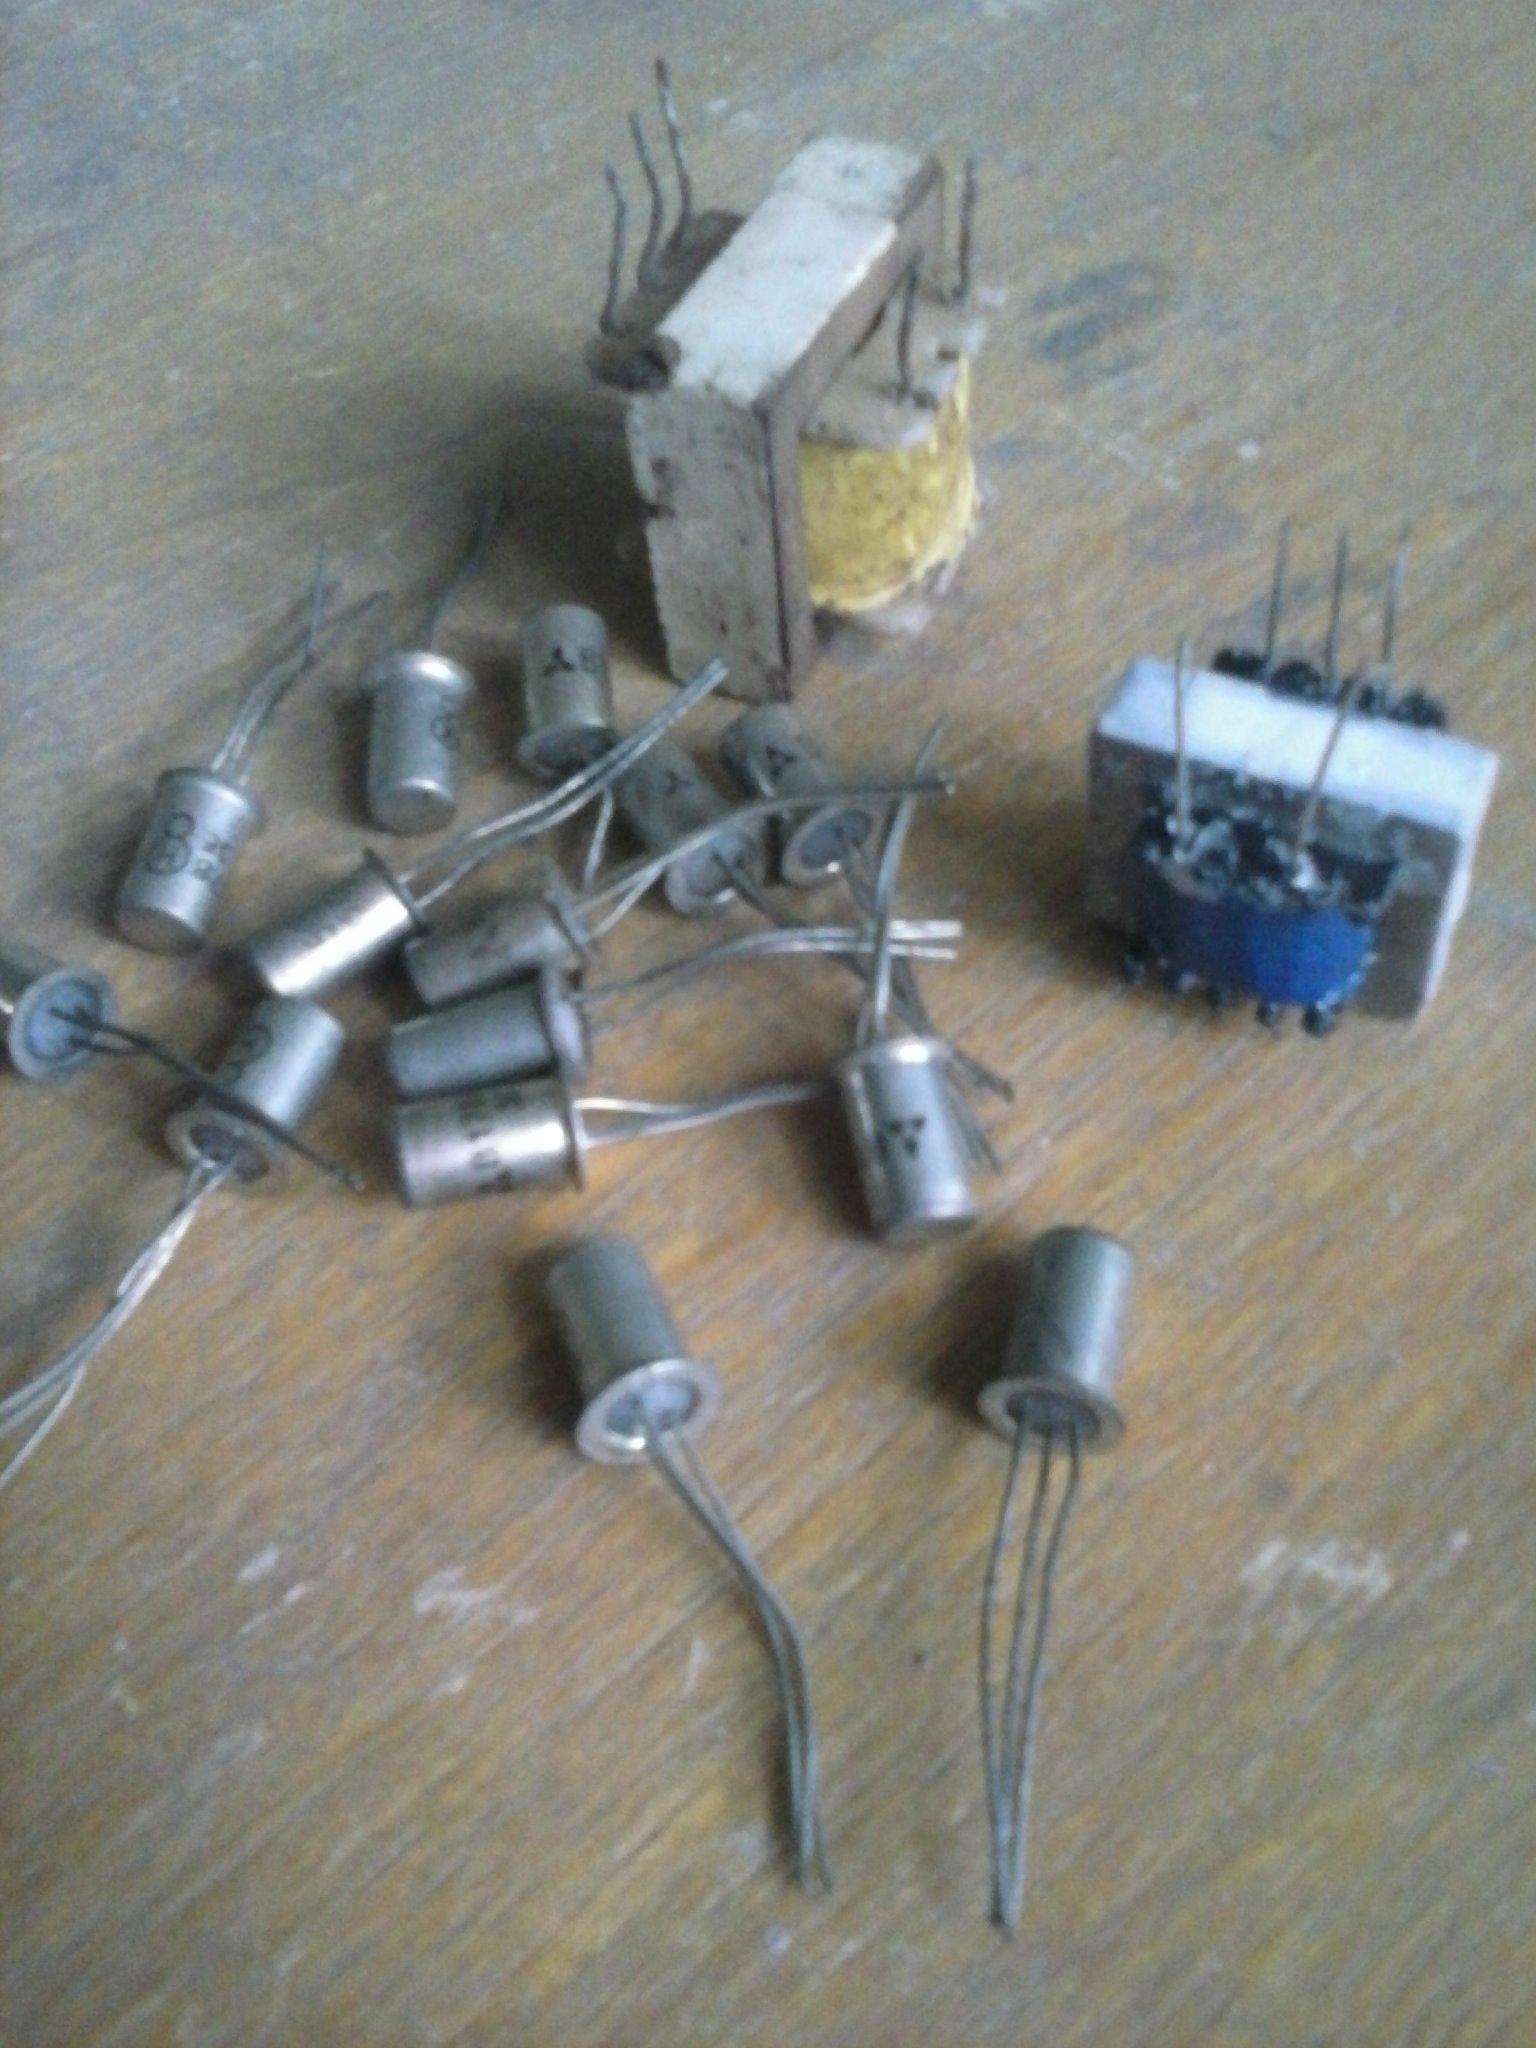 Amplifier Lets Do It Solid State Relay Circuit Diagram Gambar Skema Rangkaian Elektronika Transistor Germanium Trafo Ot Hasil Berburu